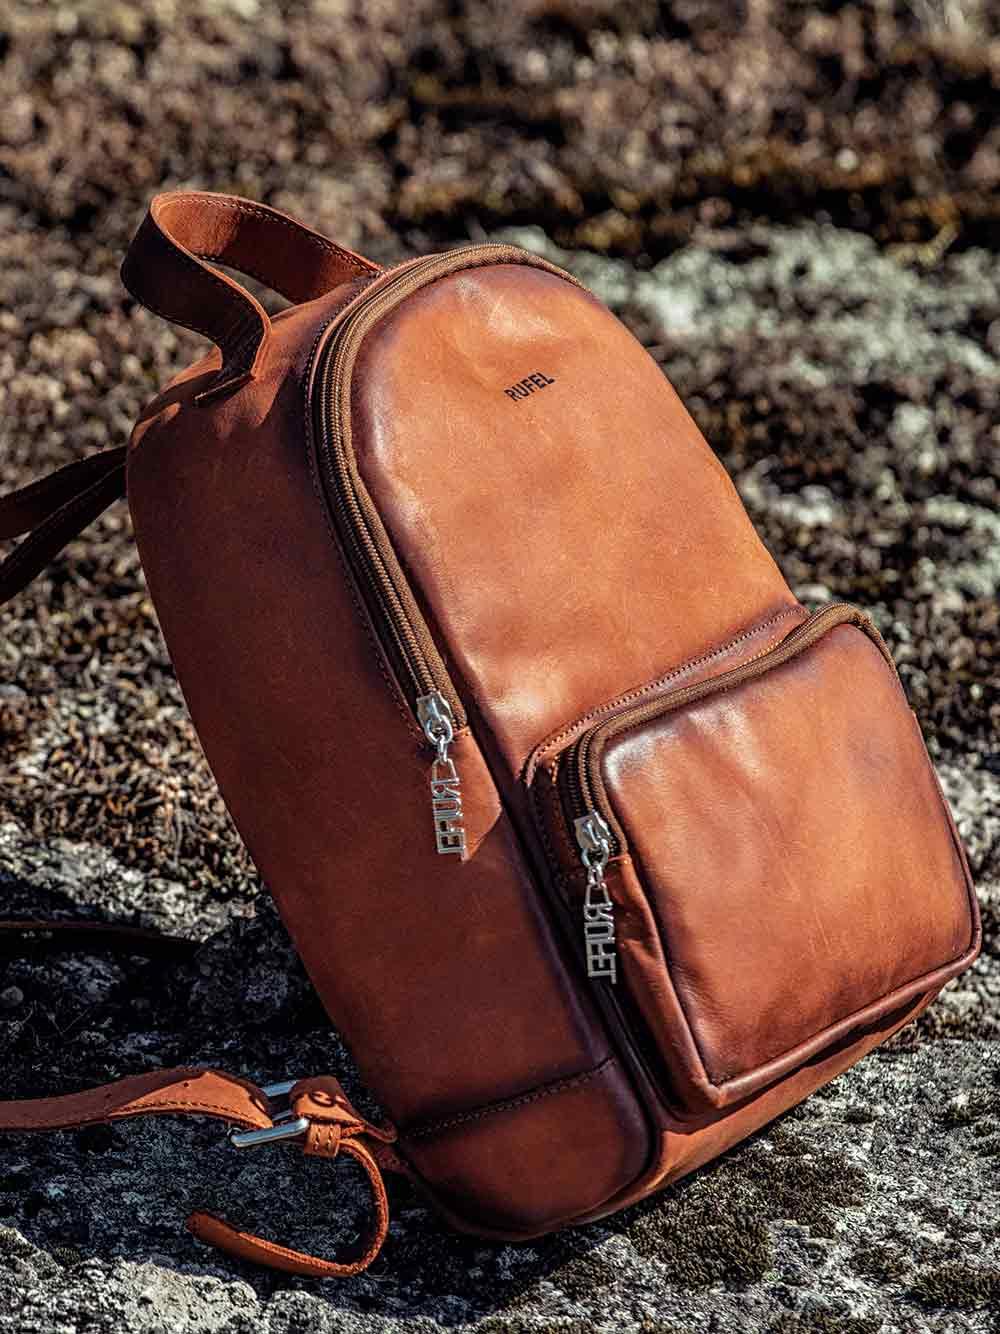 Star Brick Backpack